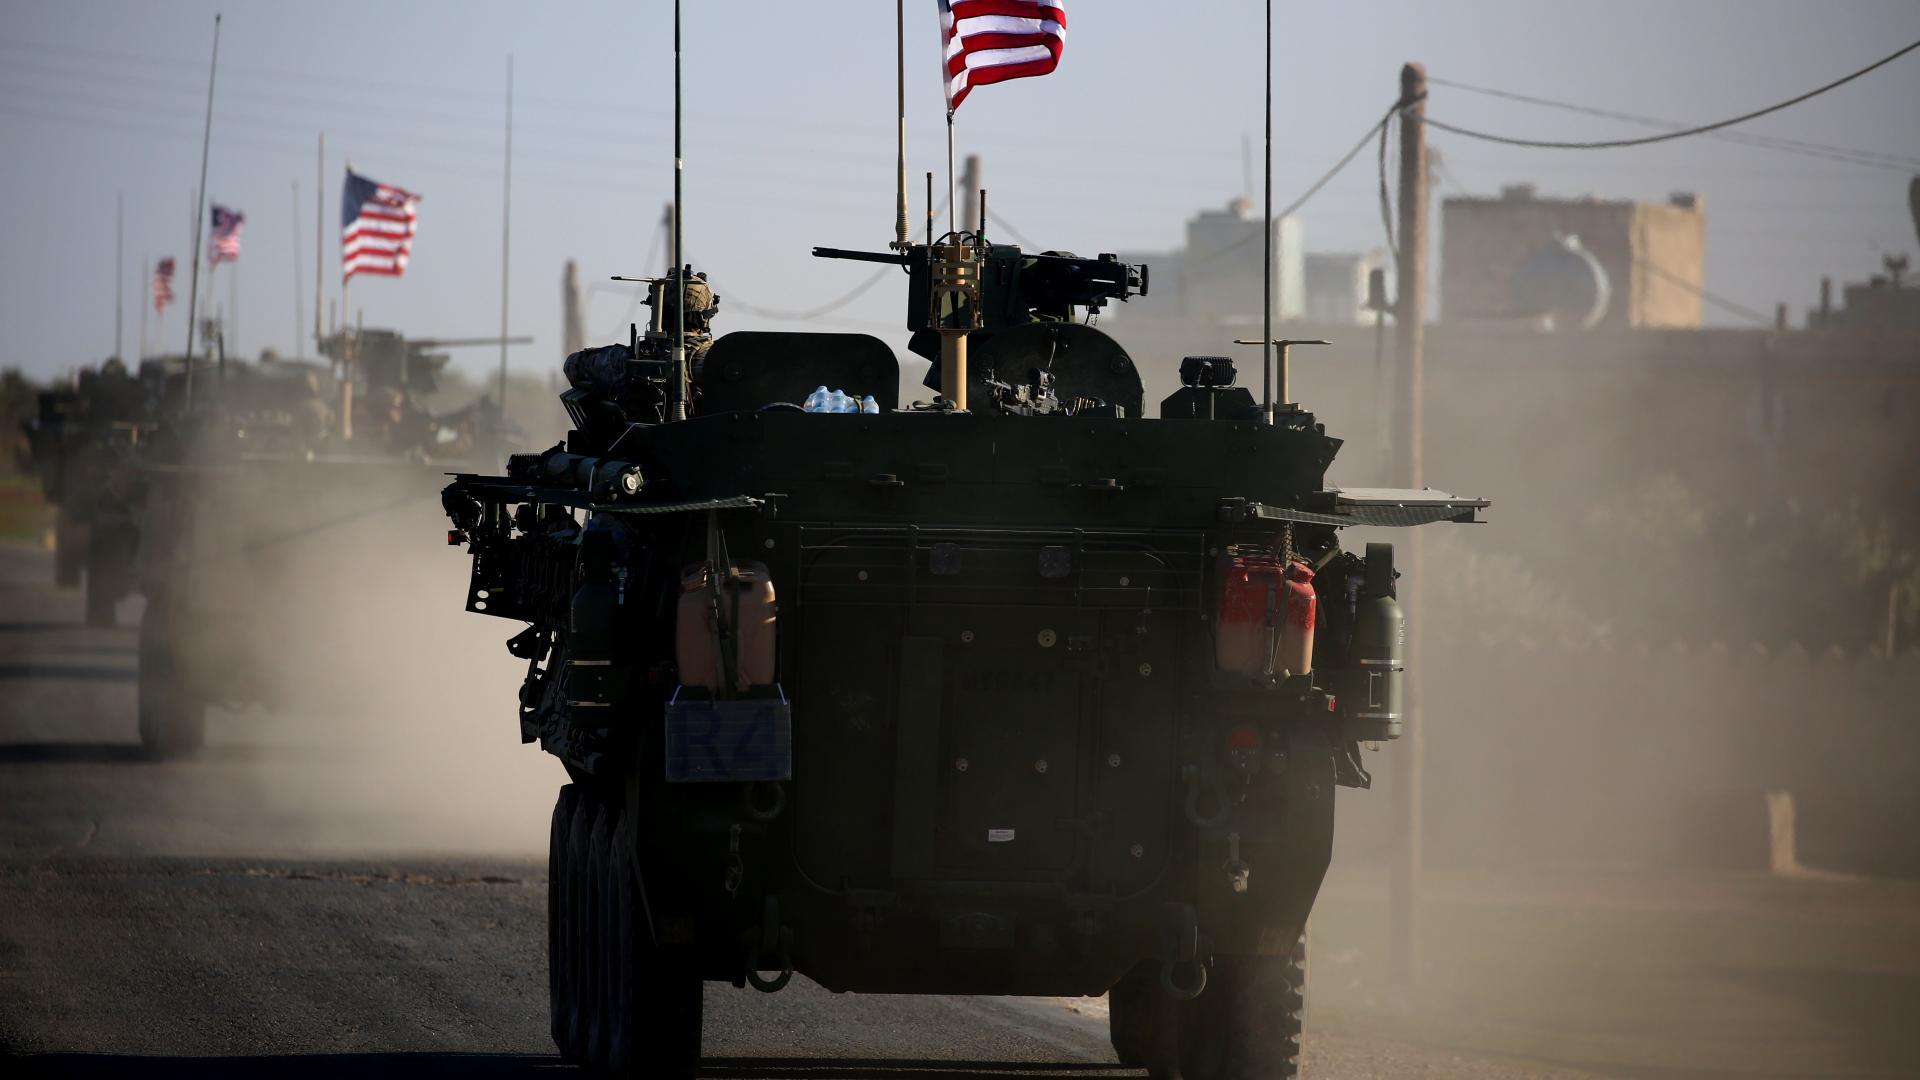 بعد هجوم منبج.. مسؤولان أمريكيان لـCNN: لا خطط حالية لوقف الانسحاب من سوريا